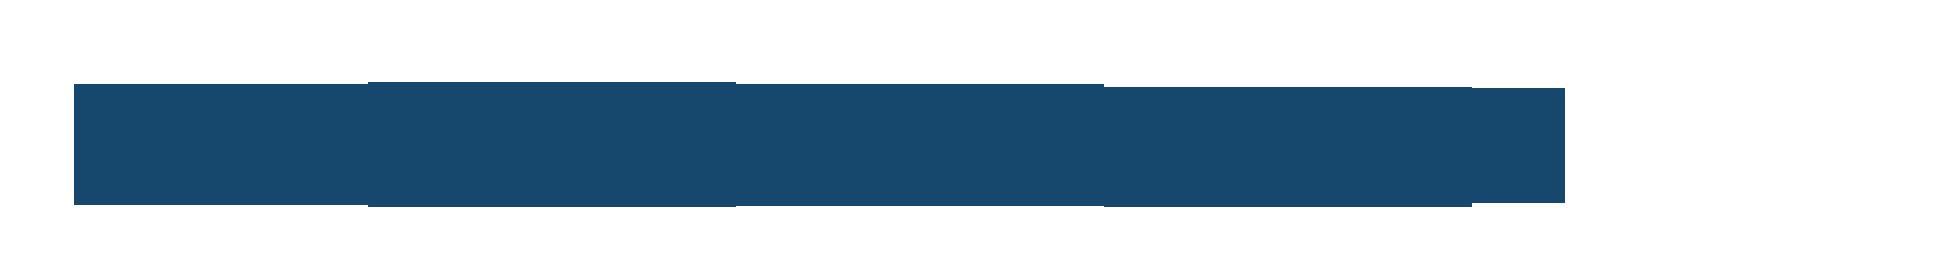 山東昊寶三濾商貿有限公司